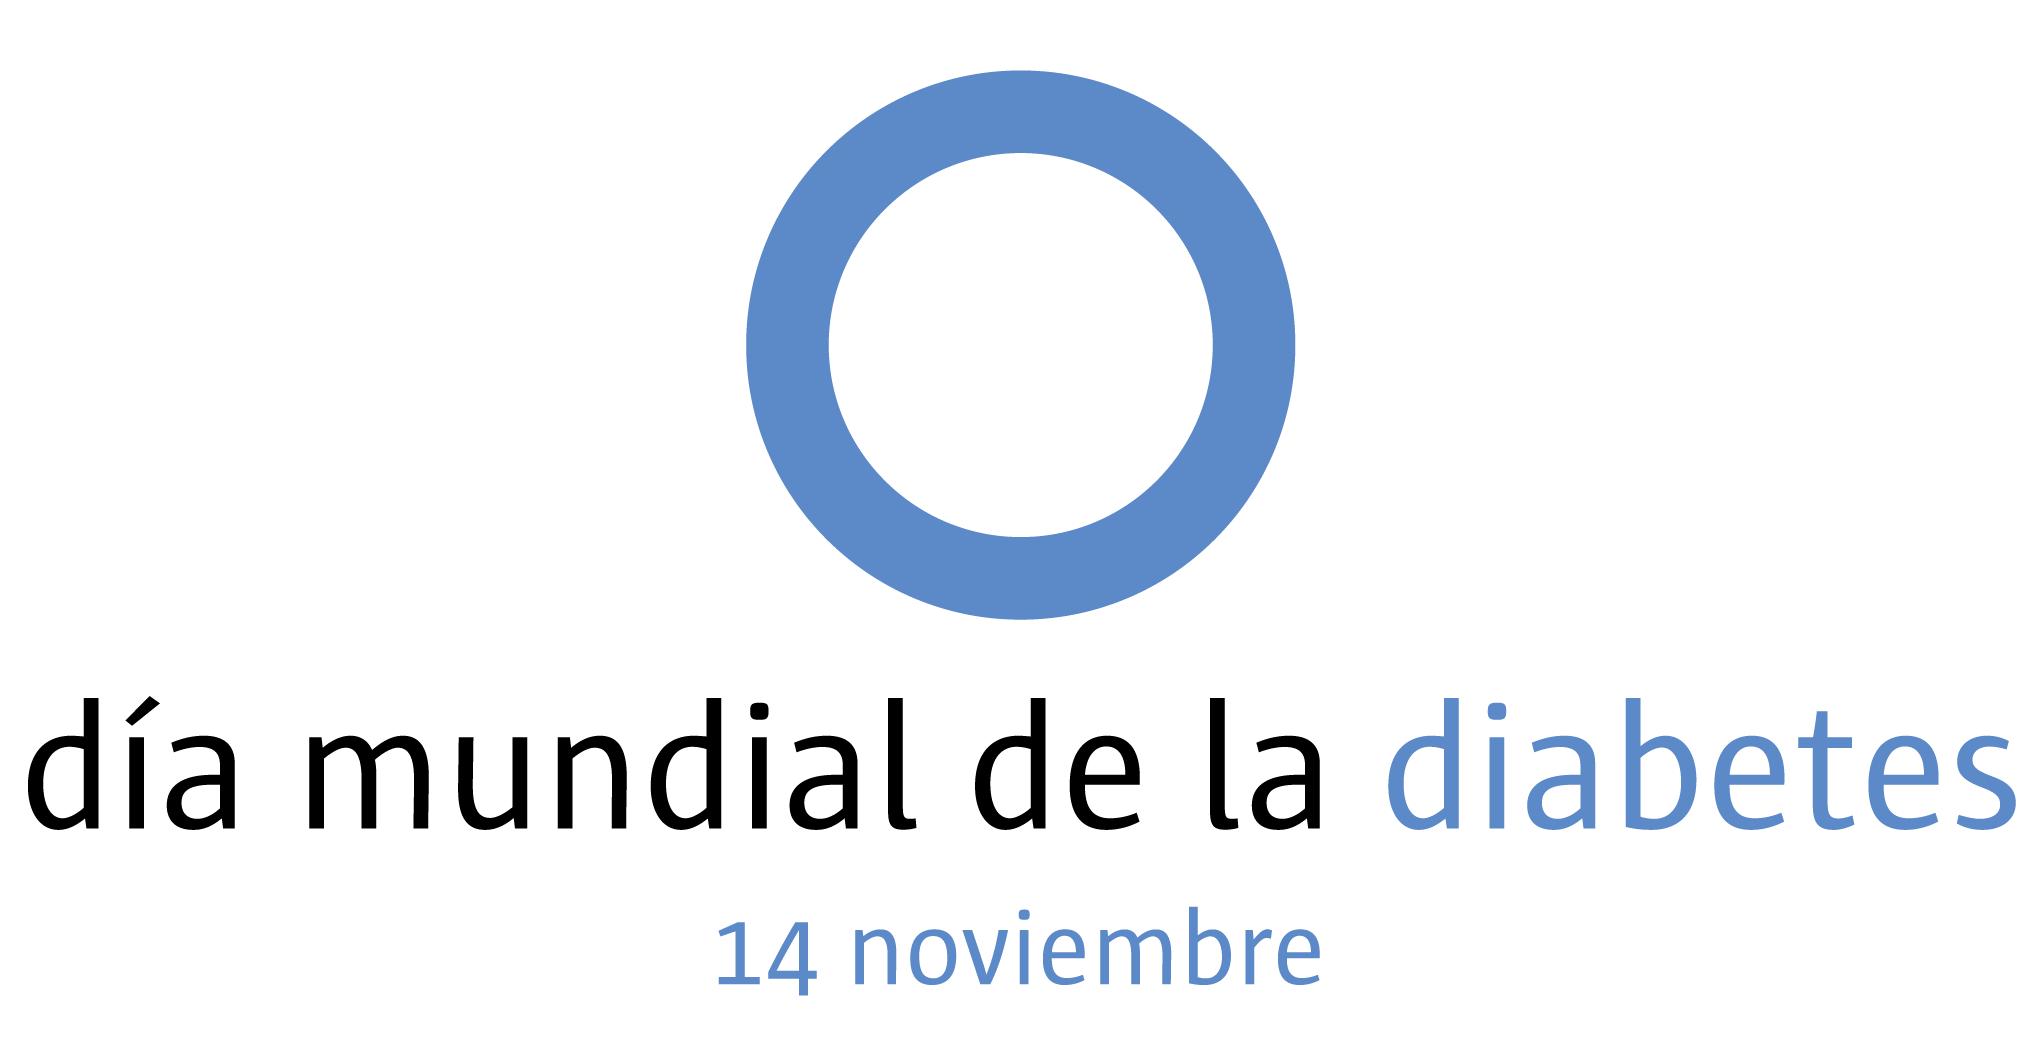 Dieta Mediterránea y Aceite de Oliva Virgen Extra contra la Diabetes.